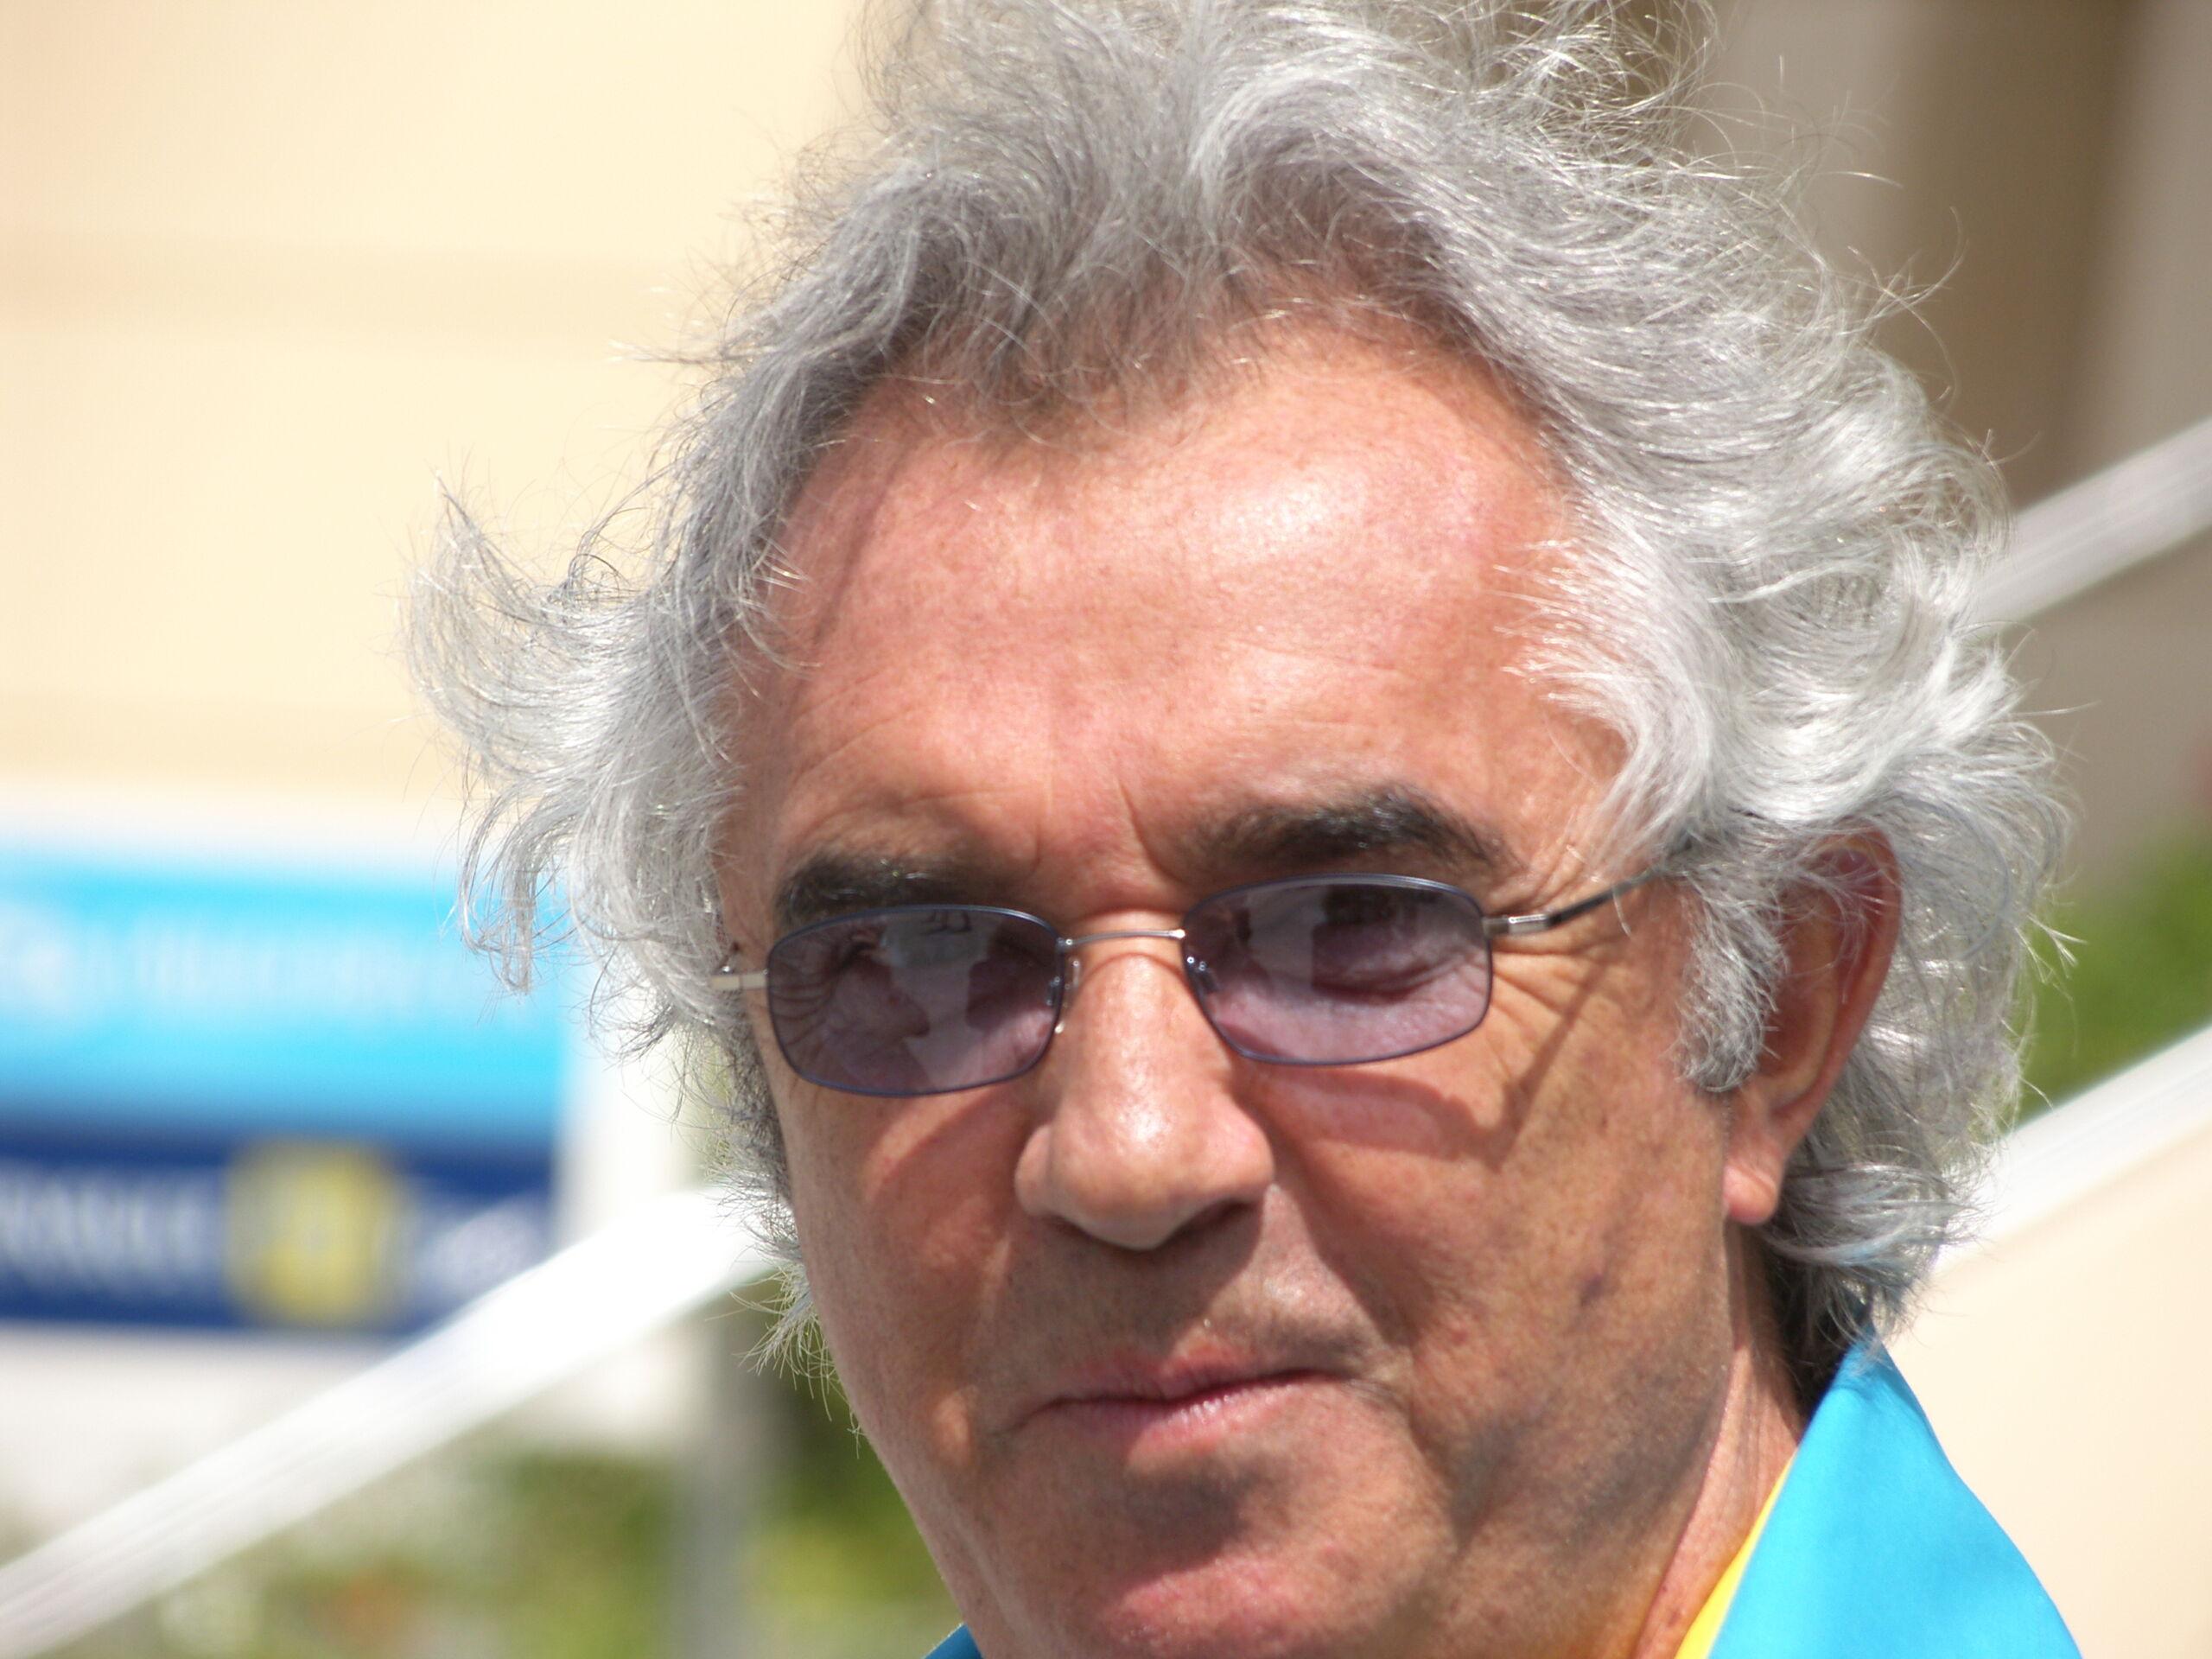 """Briatore: """"Caso Sardegna orchestrato politicamente. Billionaire strumentalizzato"""""""